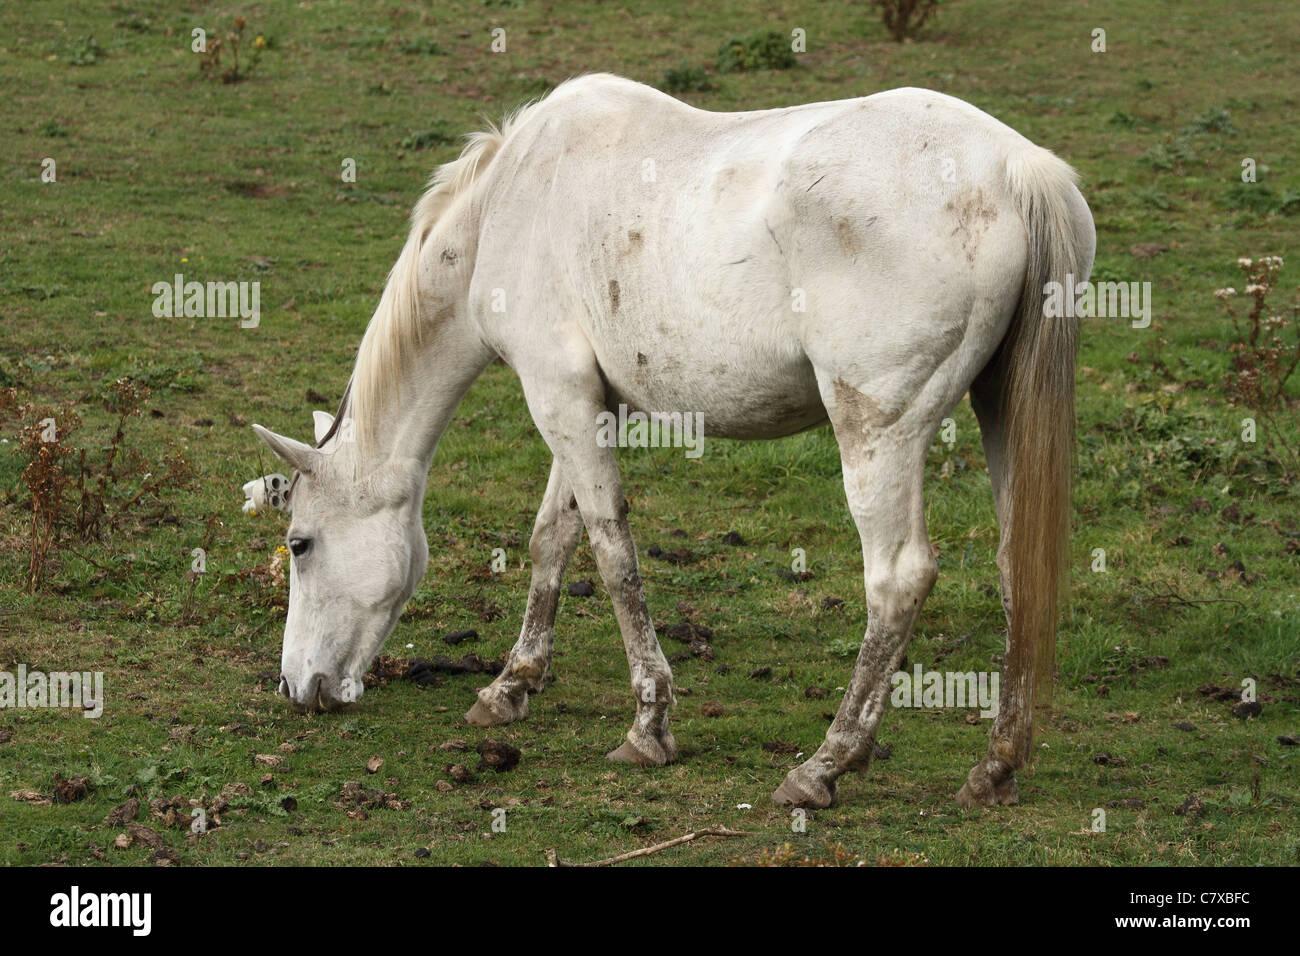 ein weißes Pferd in einem Feld Essen Rasen, Weiden Stockbild